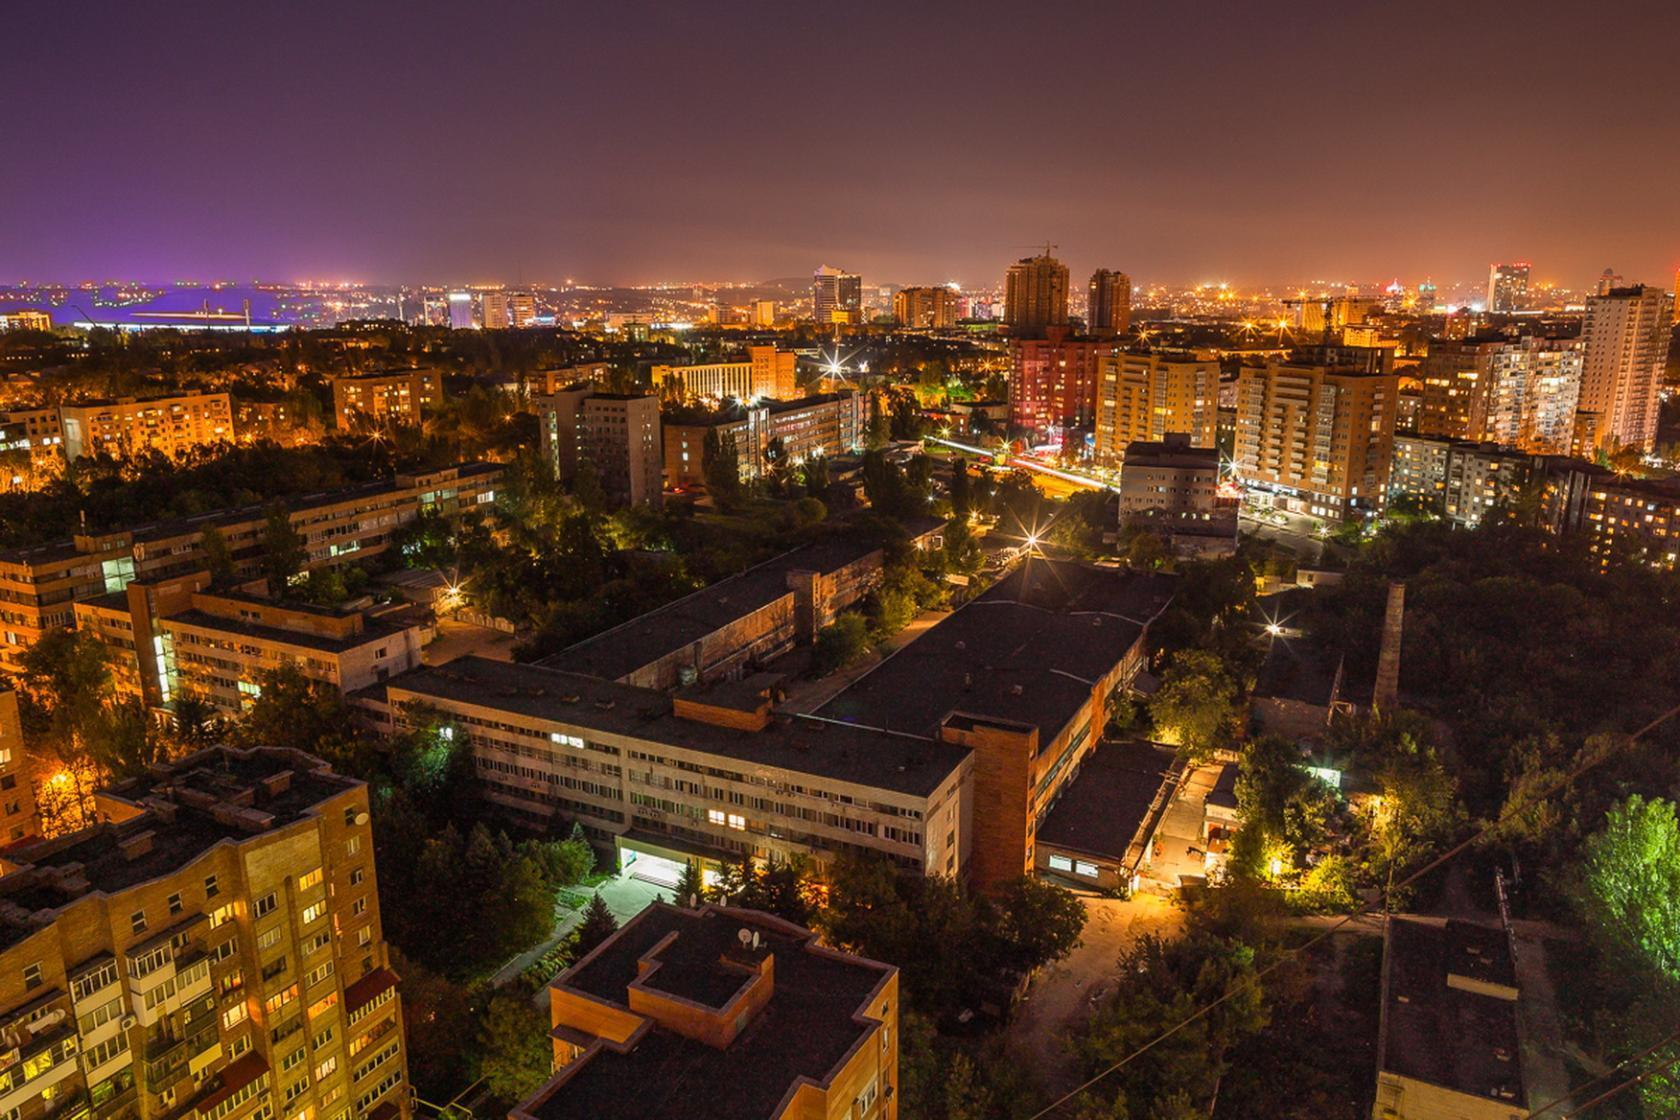 город донецк украина в картинках смешная